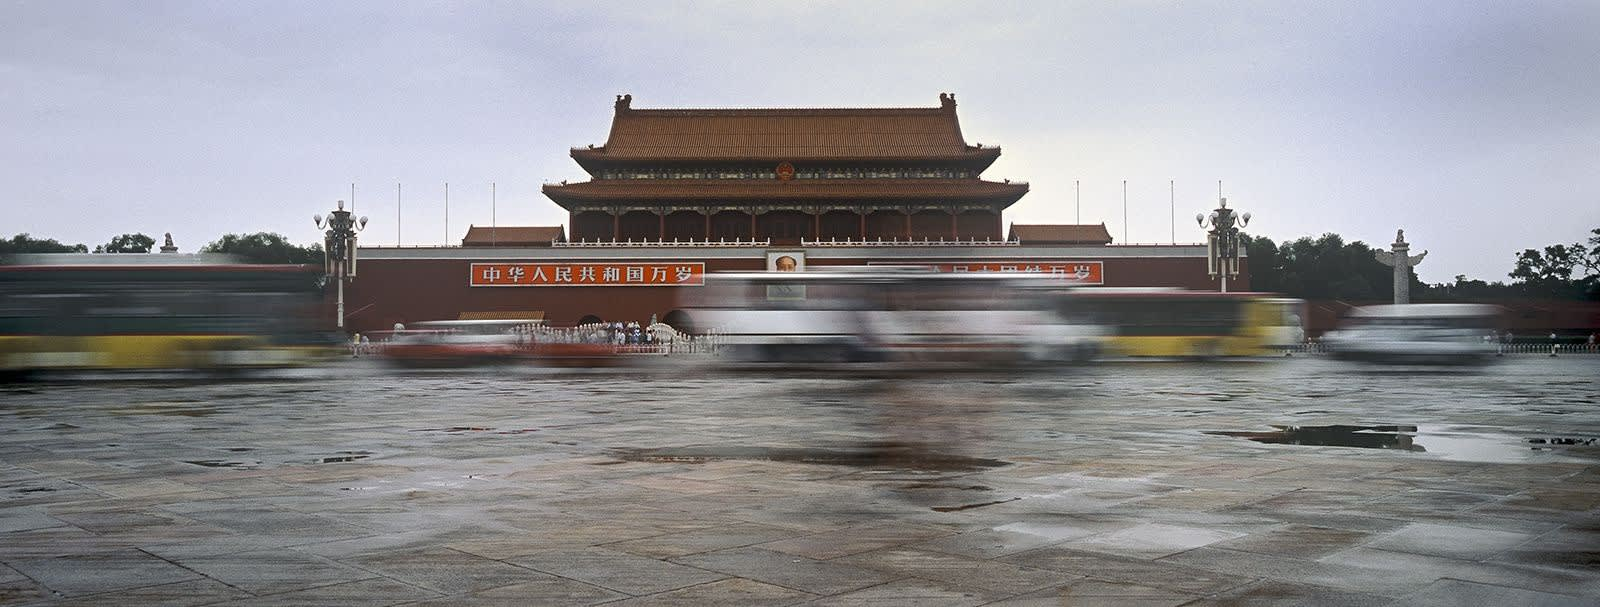 Matjaž Krivic, Beijing, China, 2002 – 2006